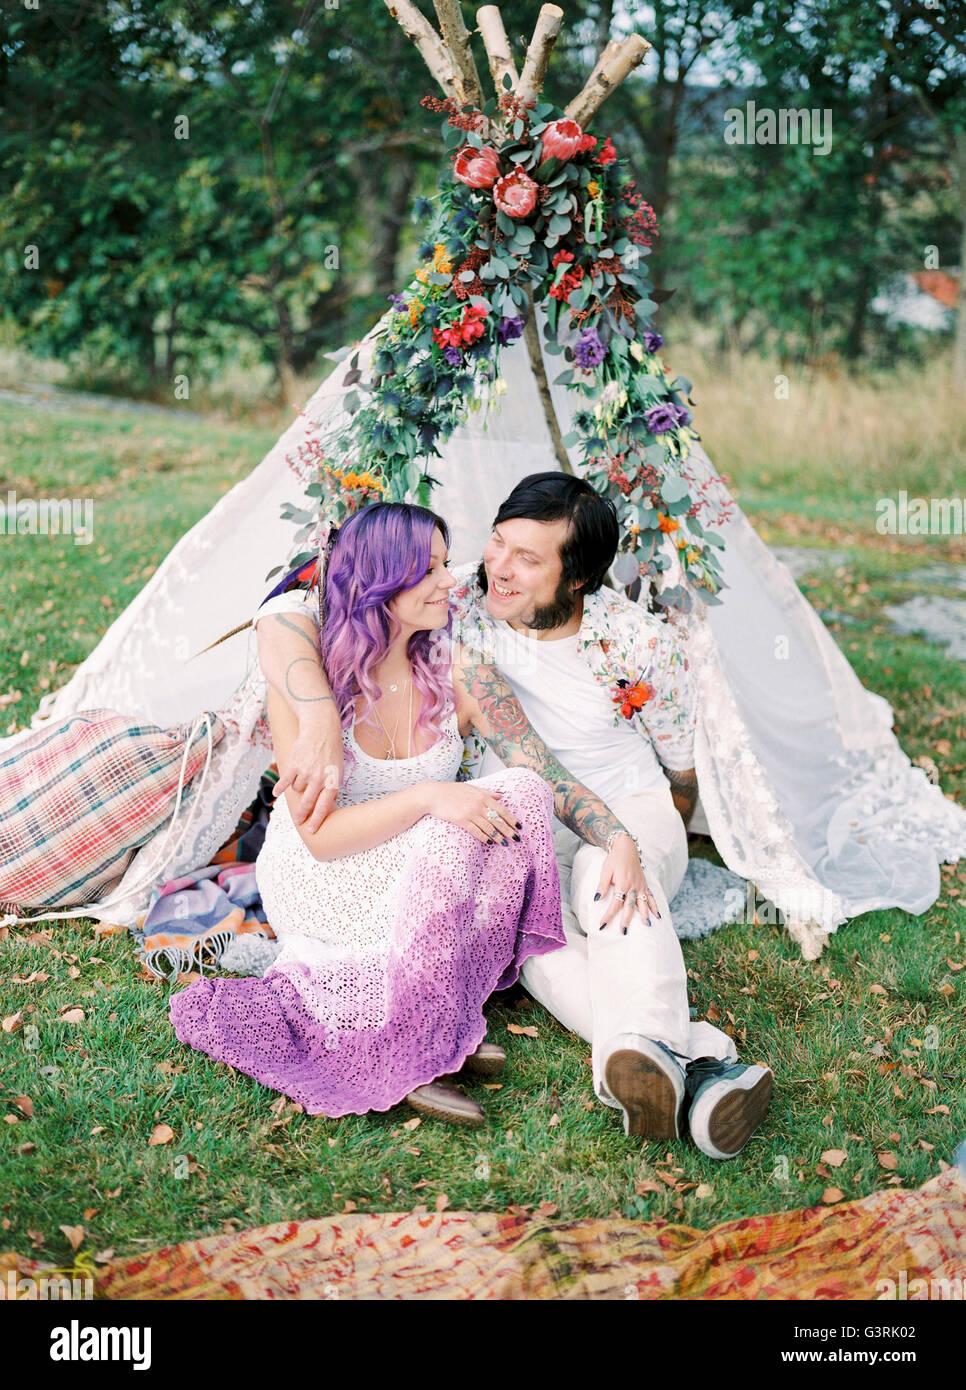 Schweden, Braut und Bräutigam sitzen auf dem Rasen vor weißen Zelt am Hippie Hochzeit Stockbild